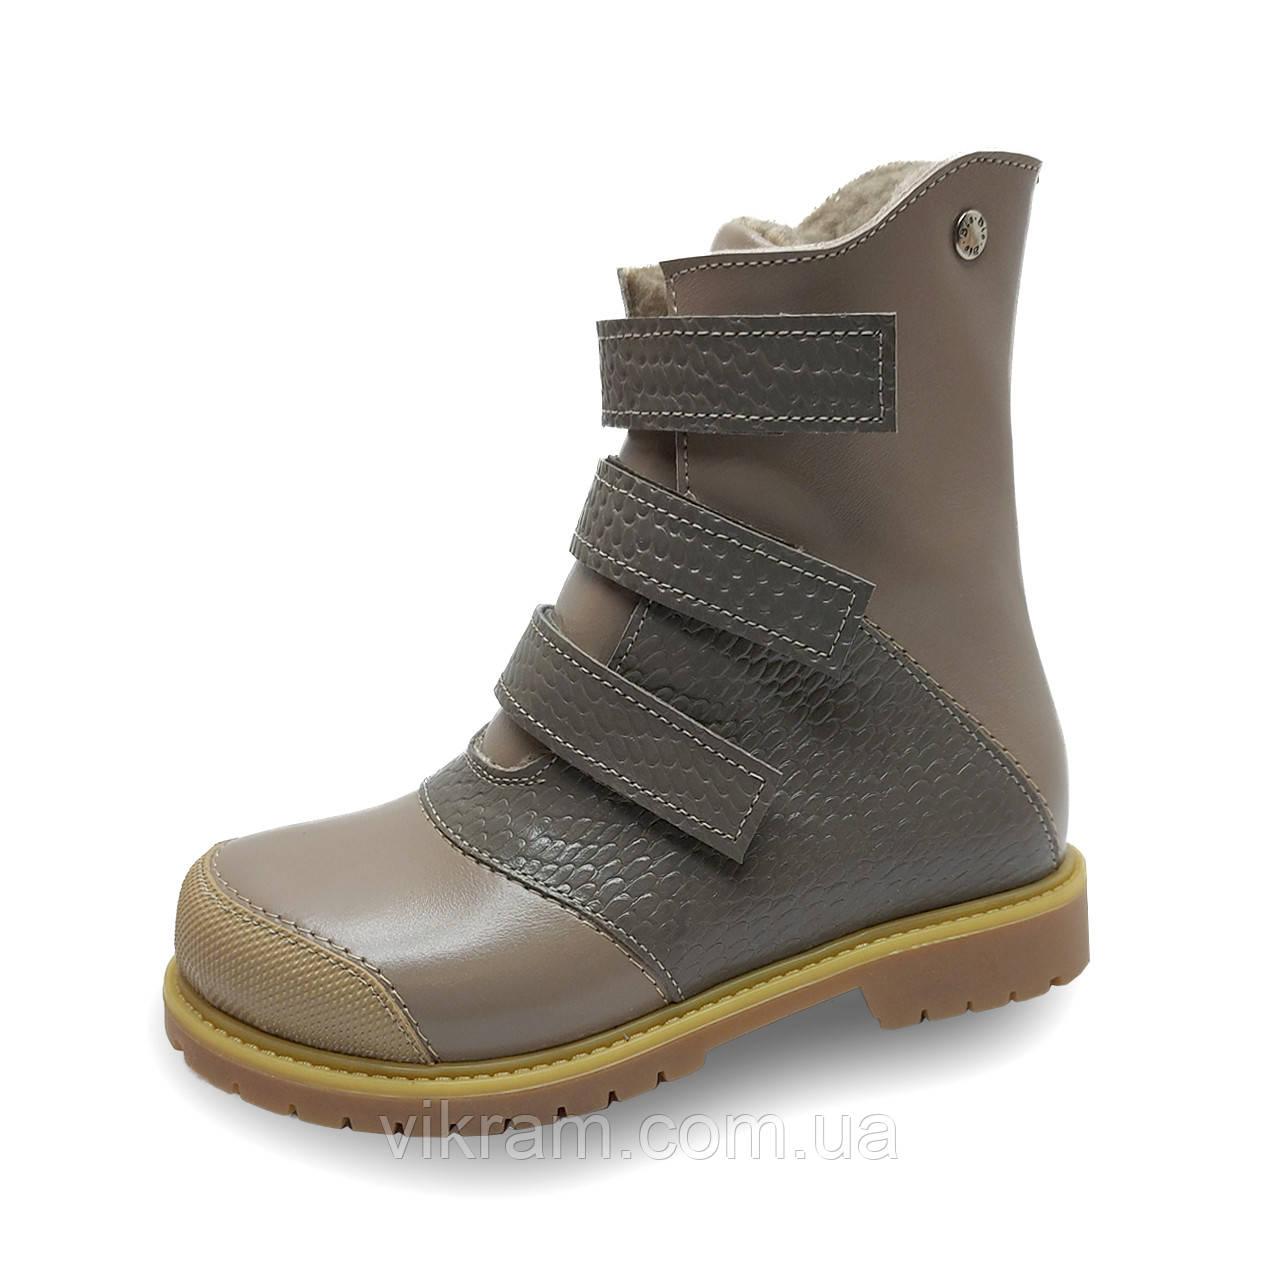 Зимние ортопедические ботинки с антиударным носиком ХАМЕР 2 бежевые